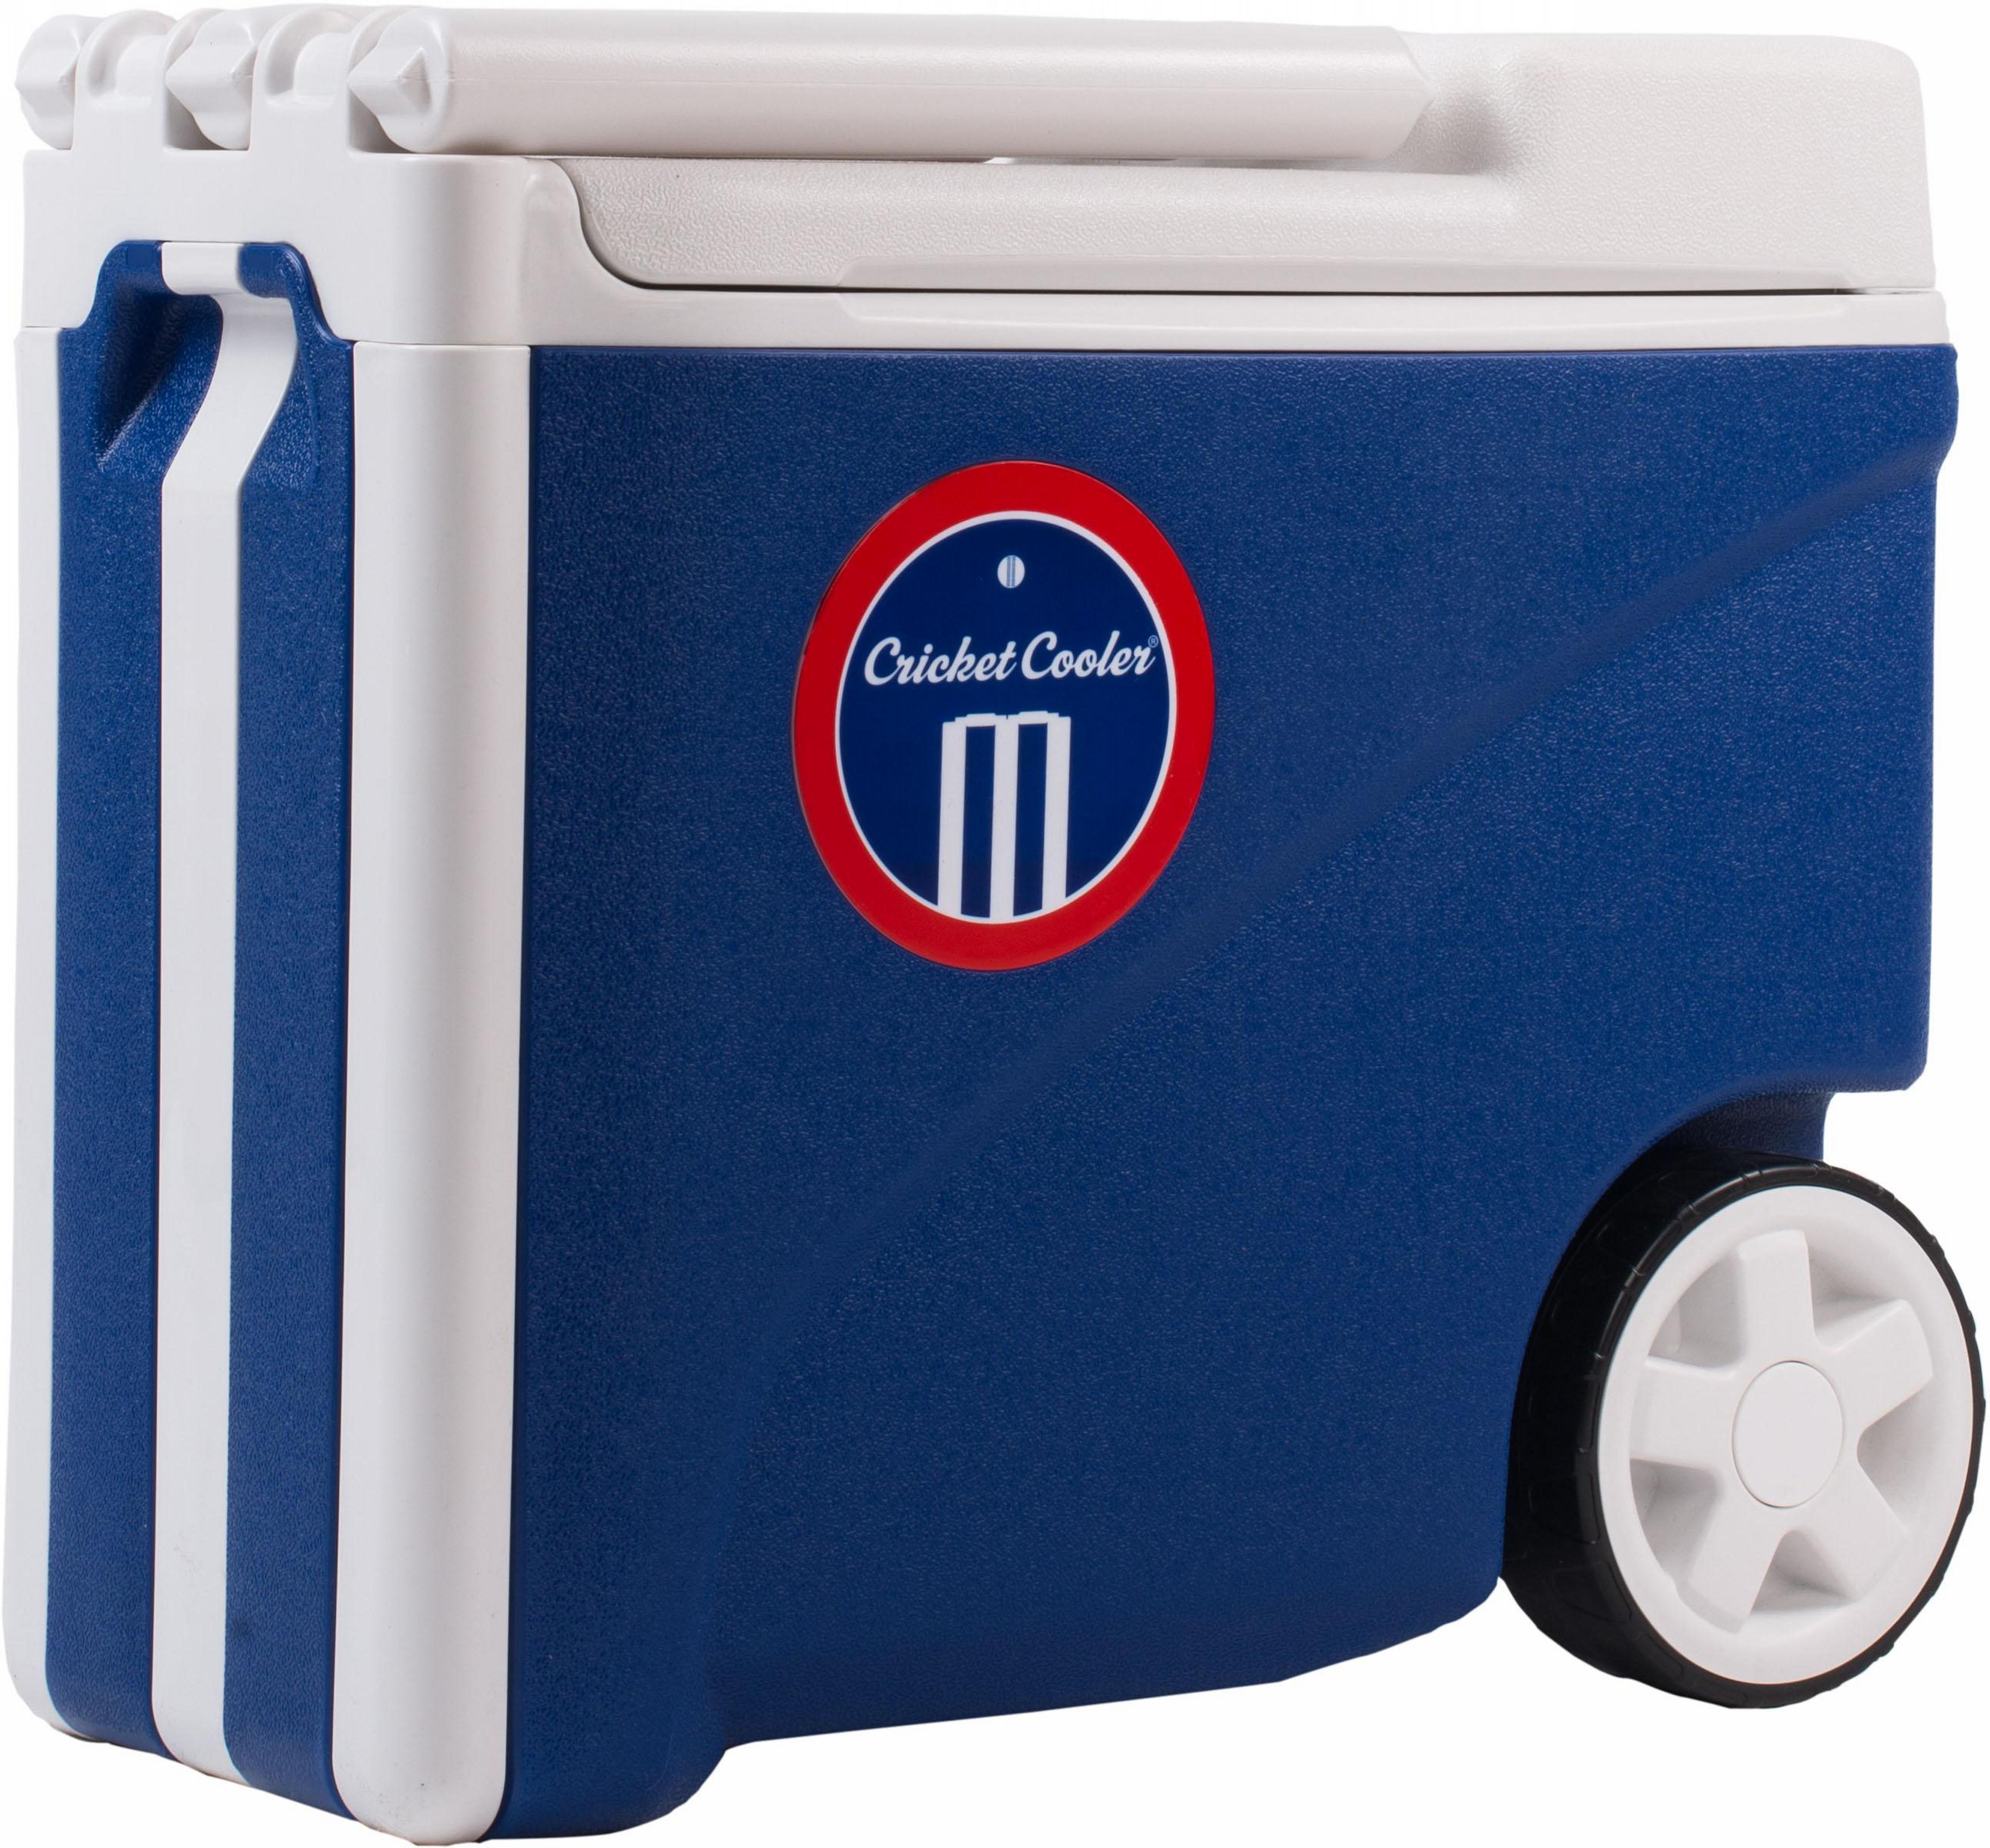 Cricket cooler, £82.99, Halfords